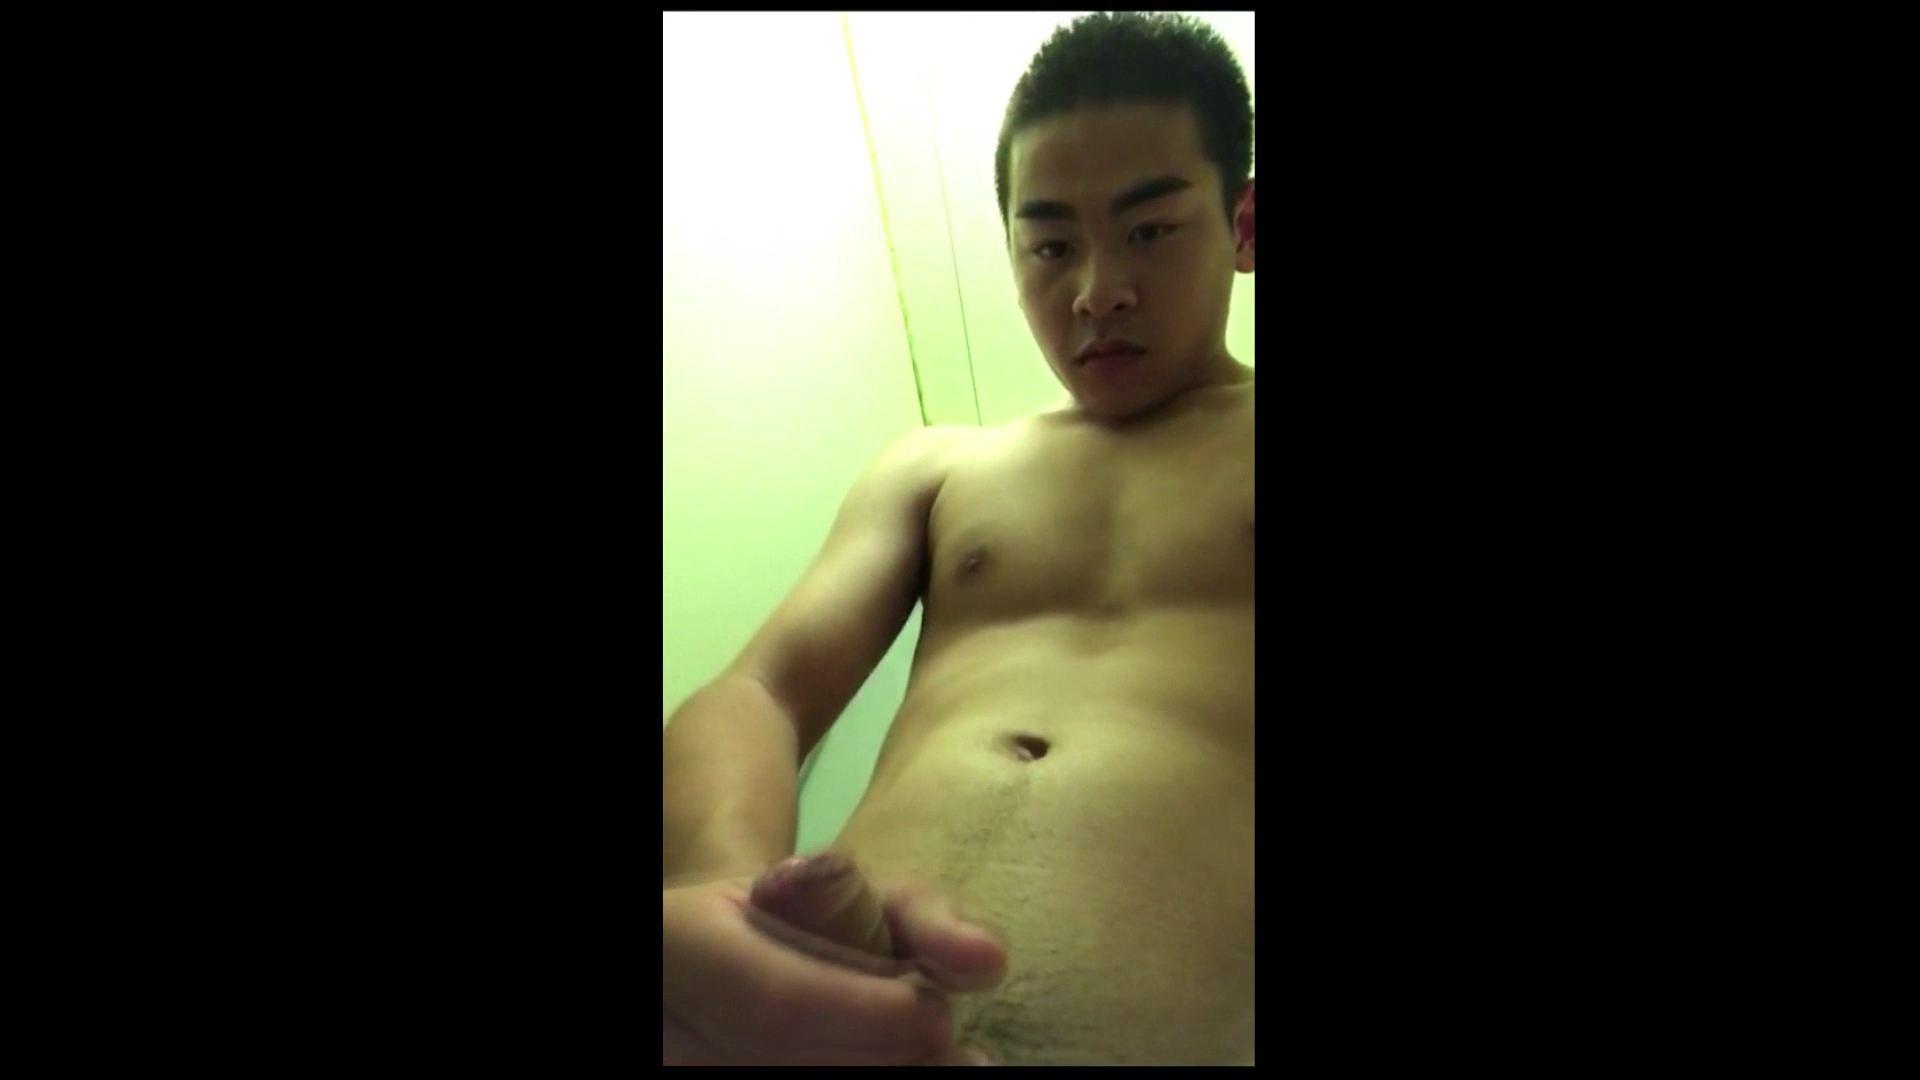 個人撮影 自慰の極意 Vol.2 自慰 ゲイアダルトビデオ紹介 75画像 50